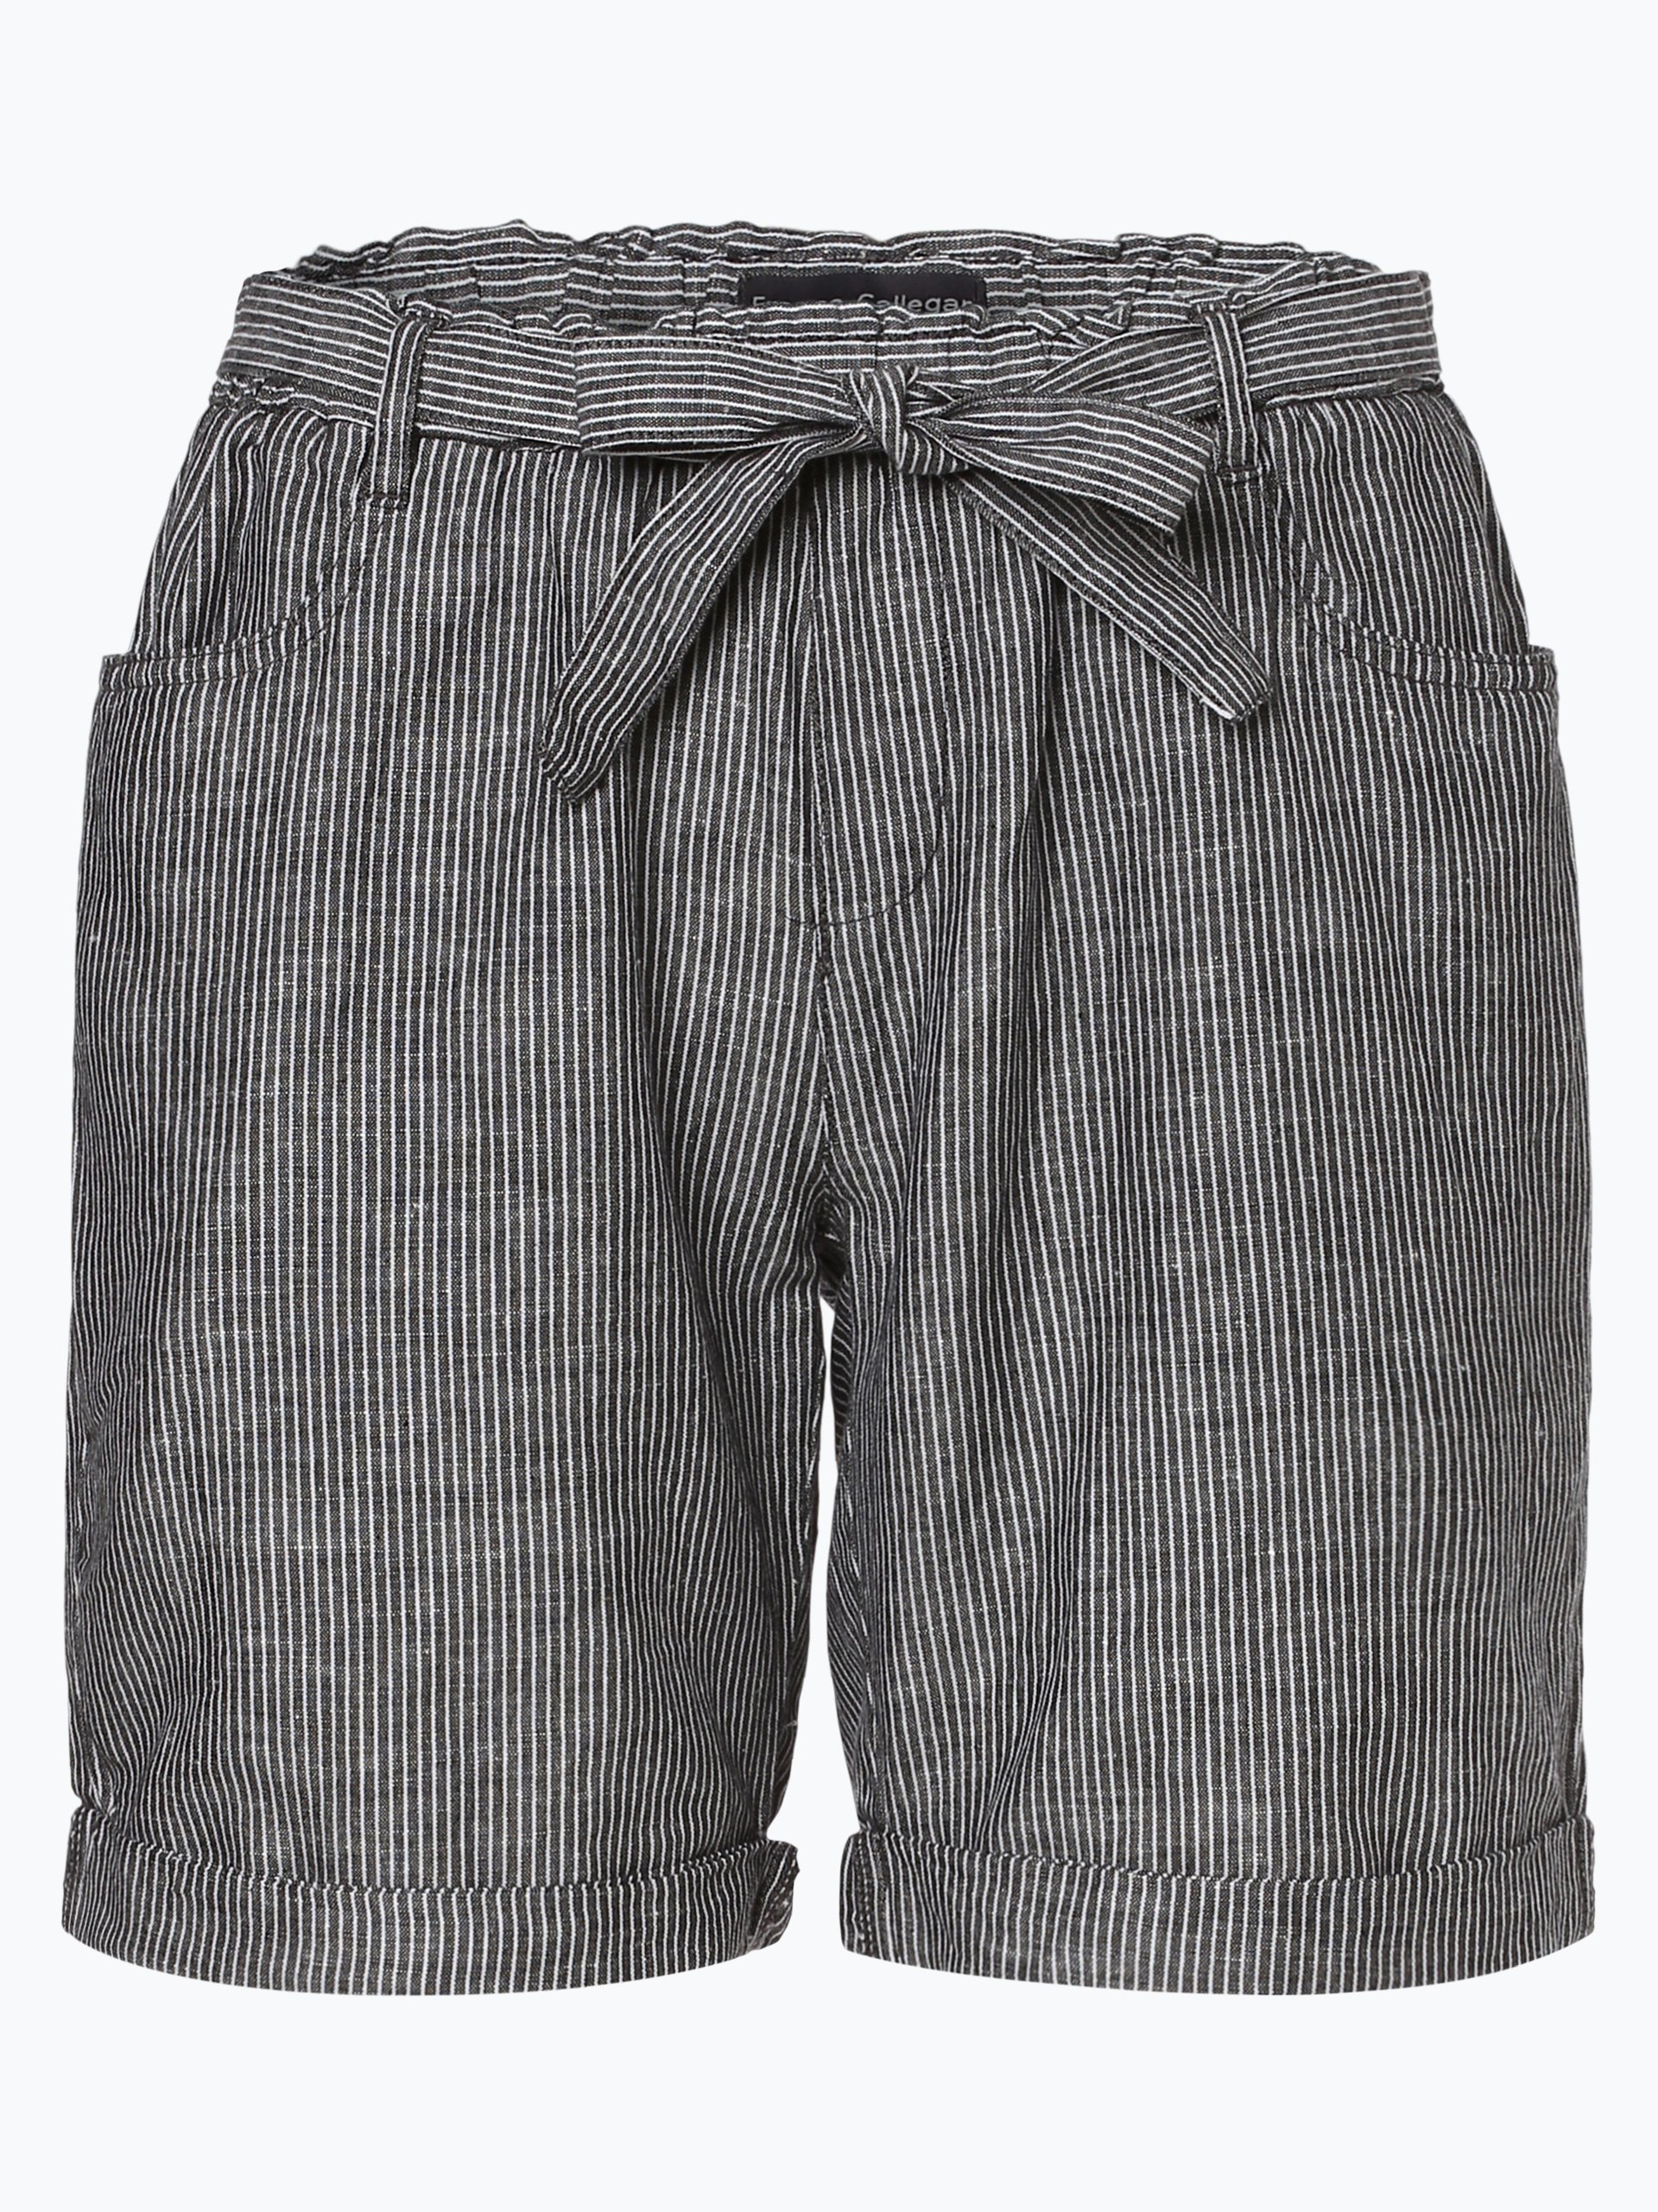 Franco Callegari Damen Shorts mit Leinen-Anteil